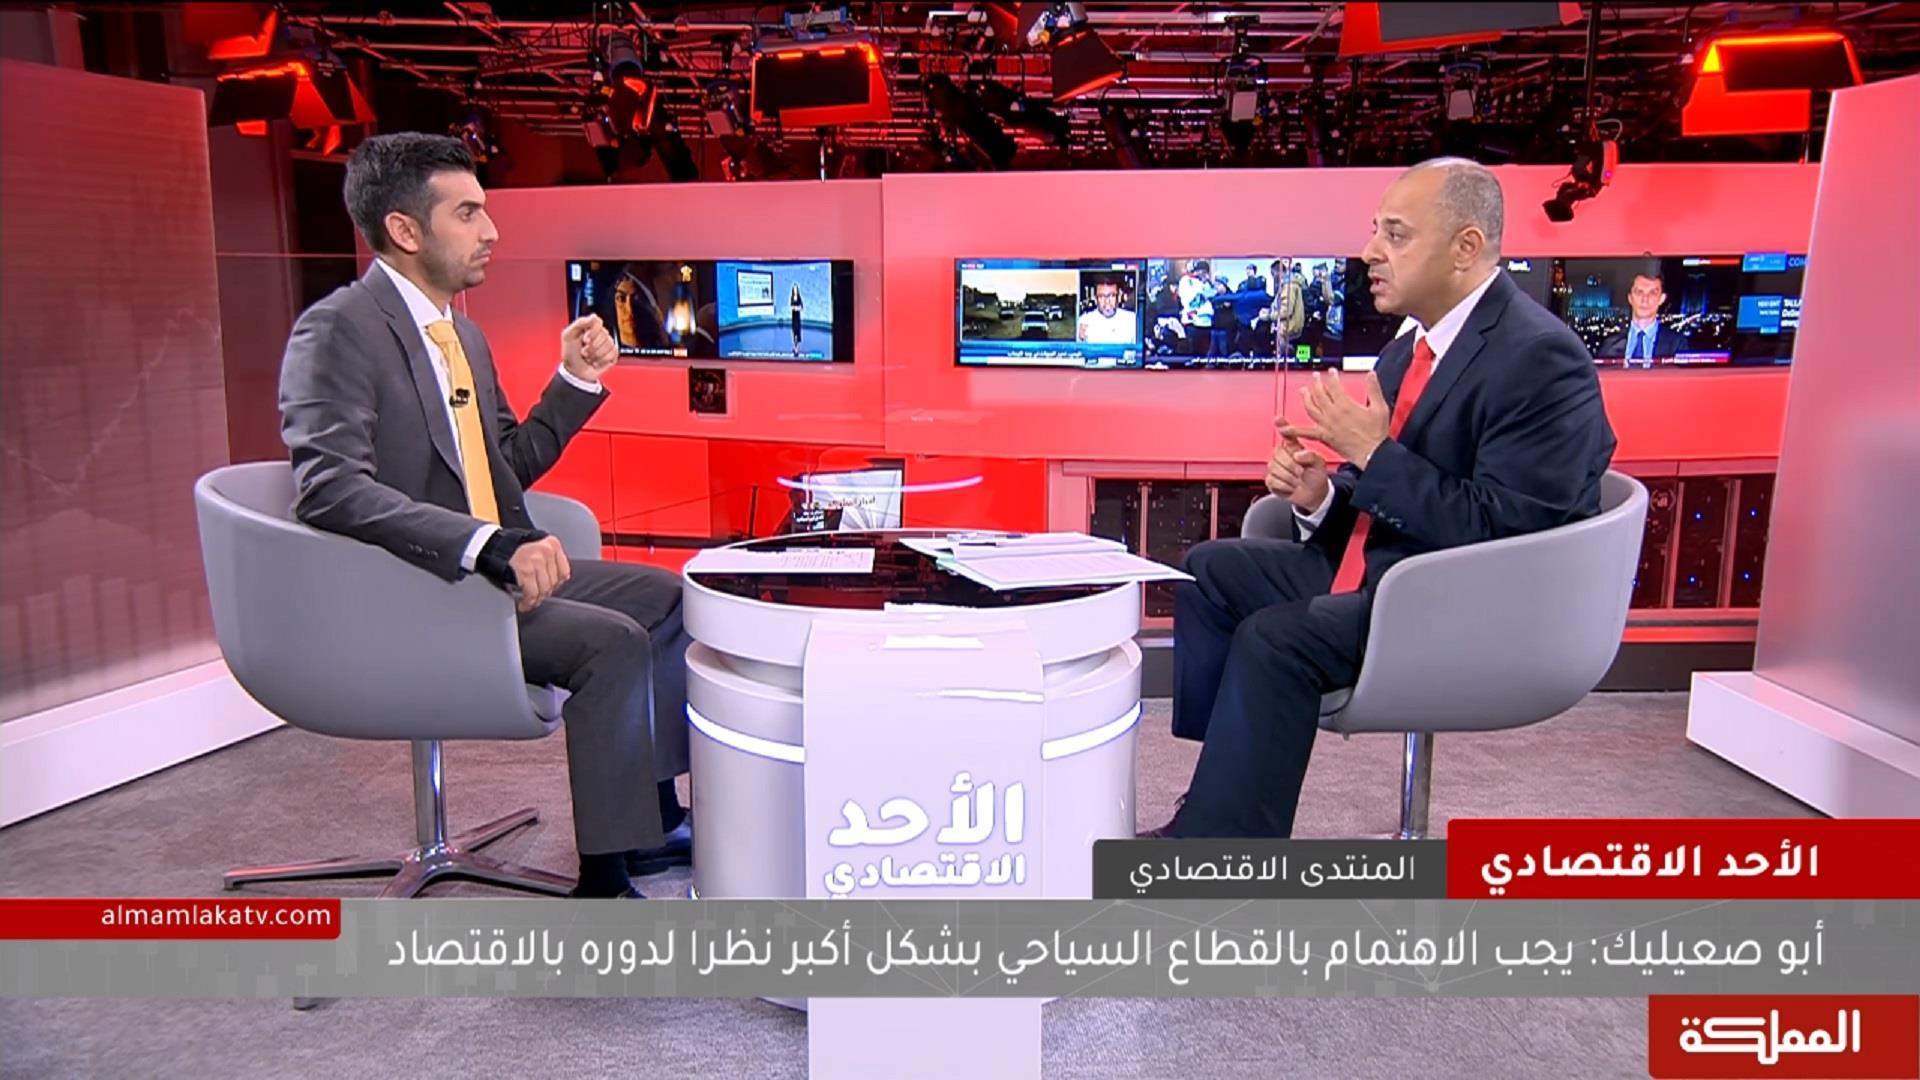 الأحد الاقتصادي   المنتدى الاقتصادي الأردني ... رصد إنجازات الحكومة وتقدمها